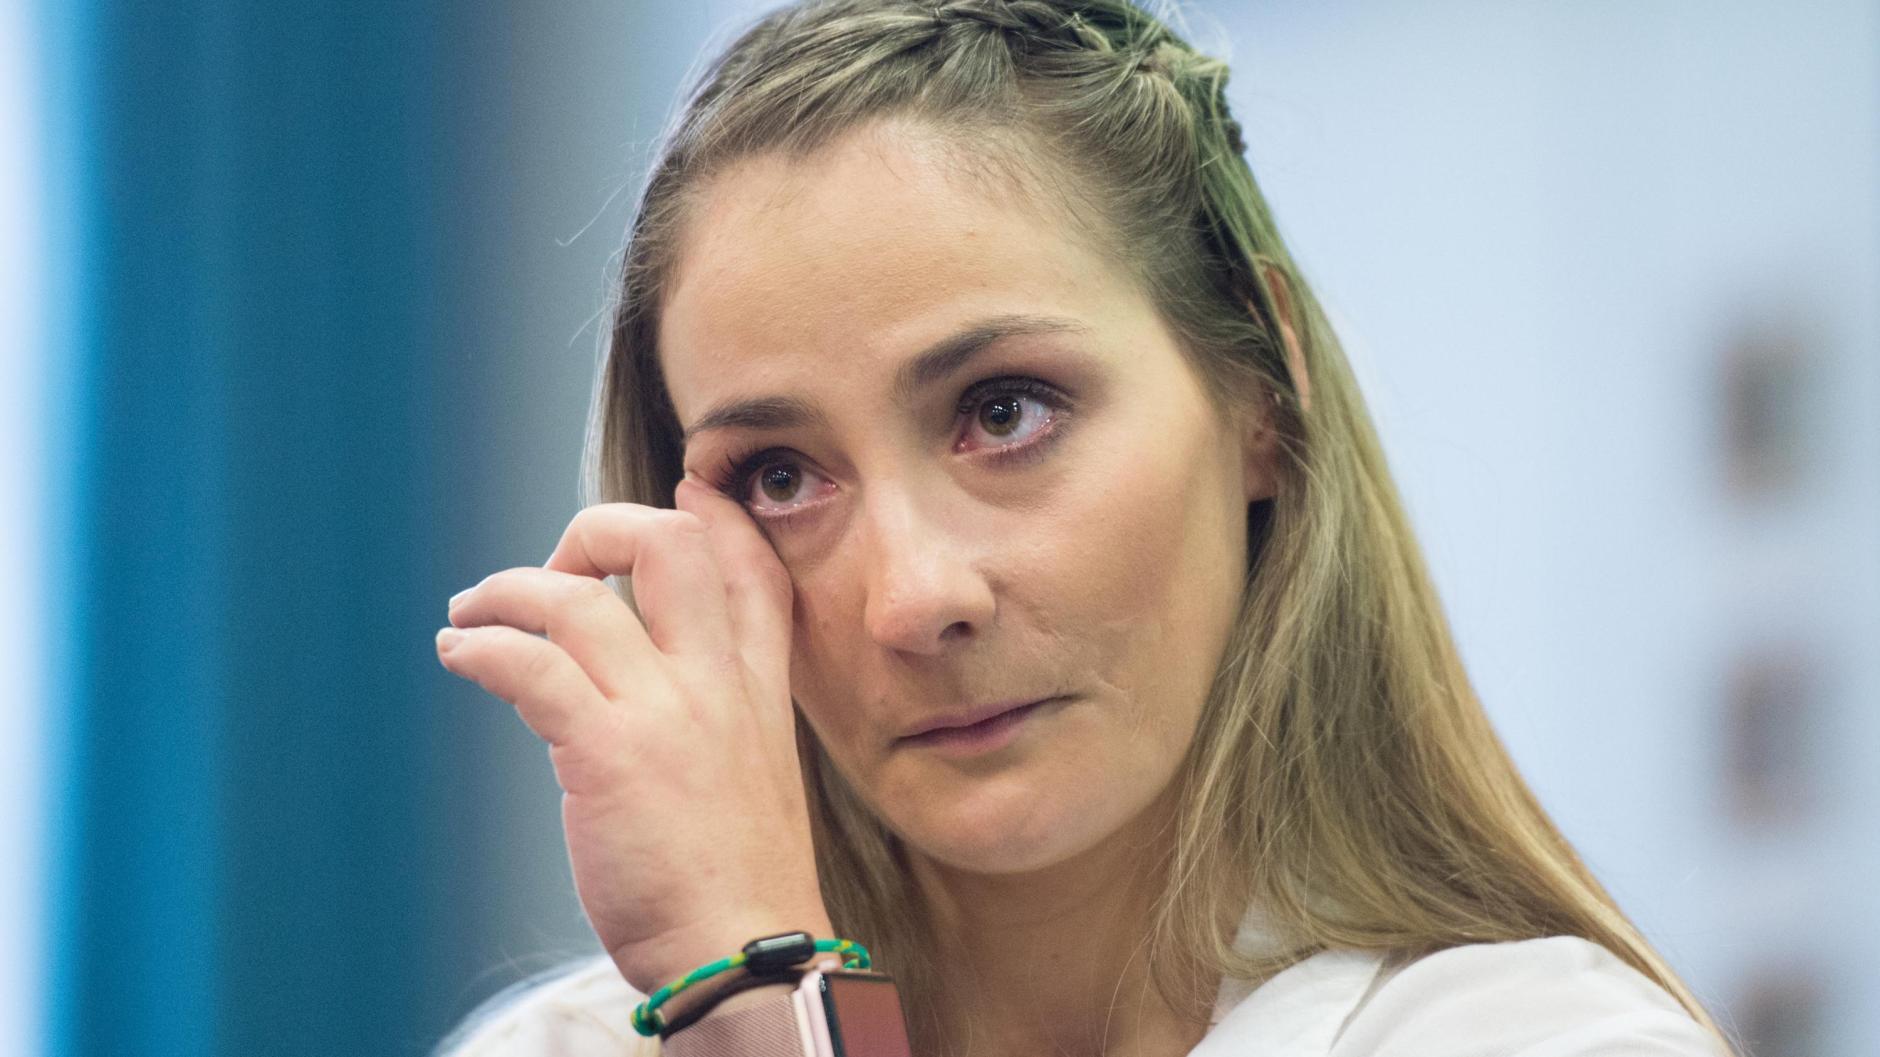 Bahnrad-Weltmeisterin: Wie sich die gelähmte Kristina